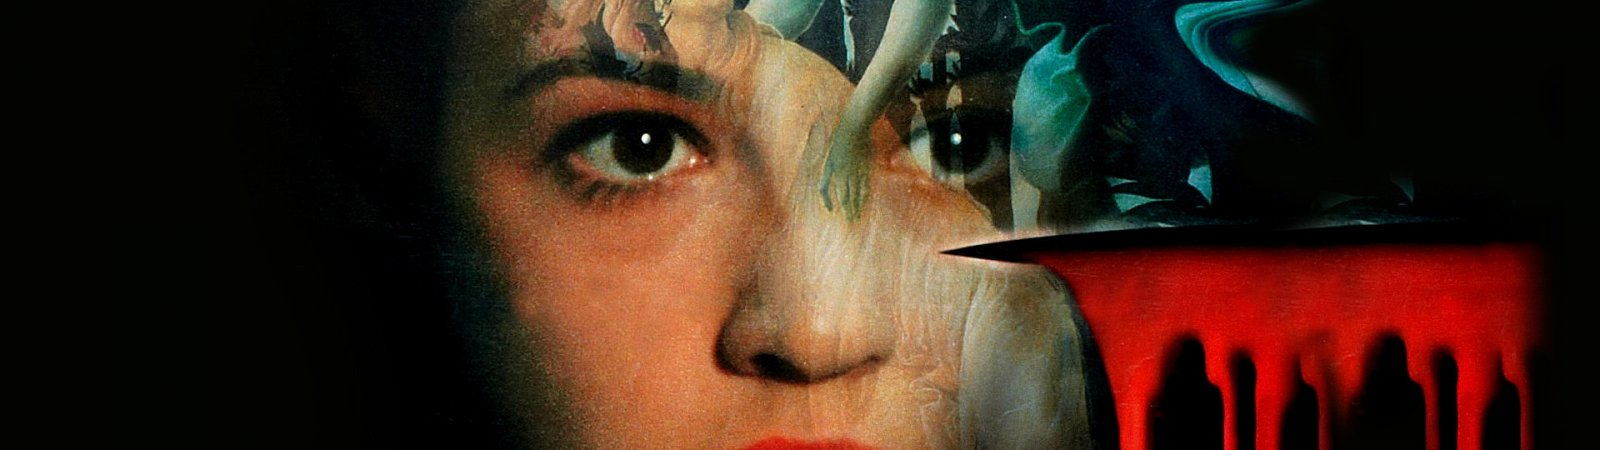 Photo du film : Le syndrome de stendhal